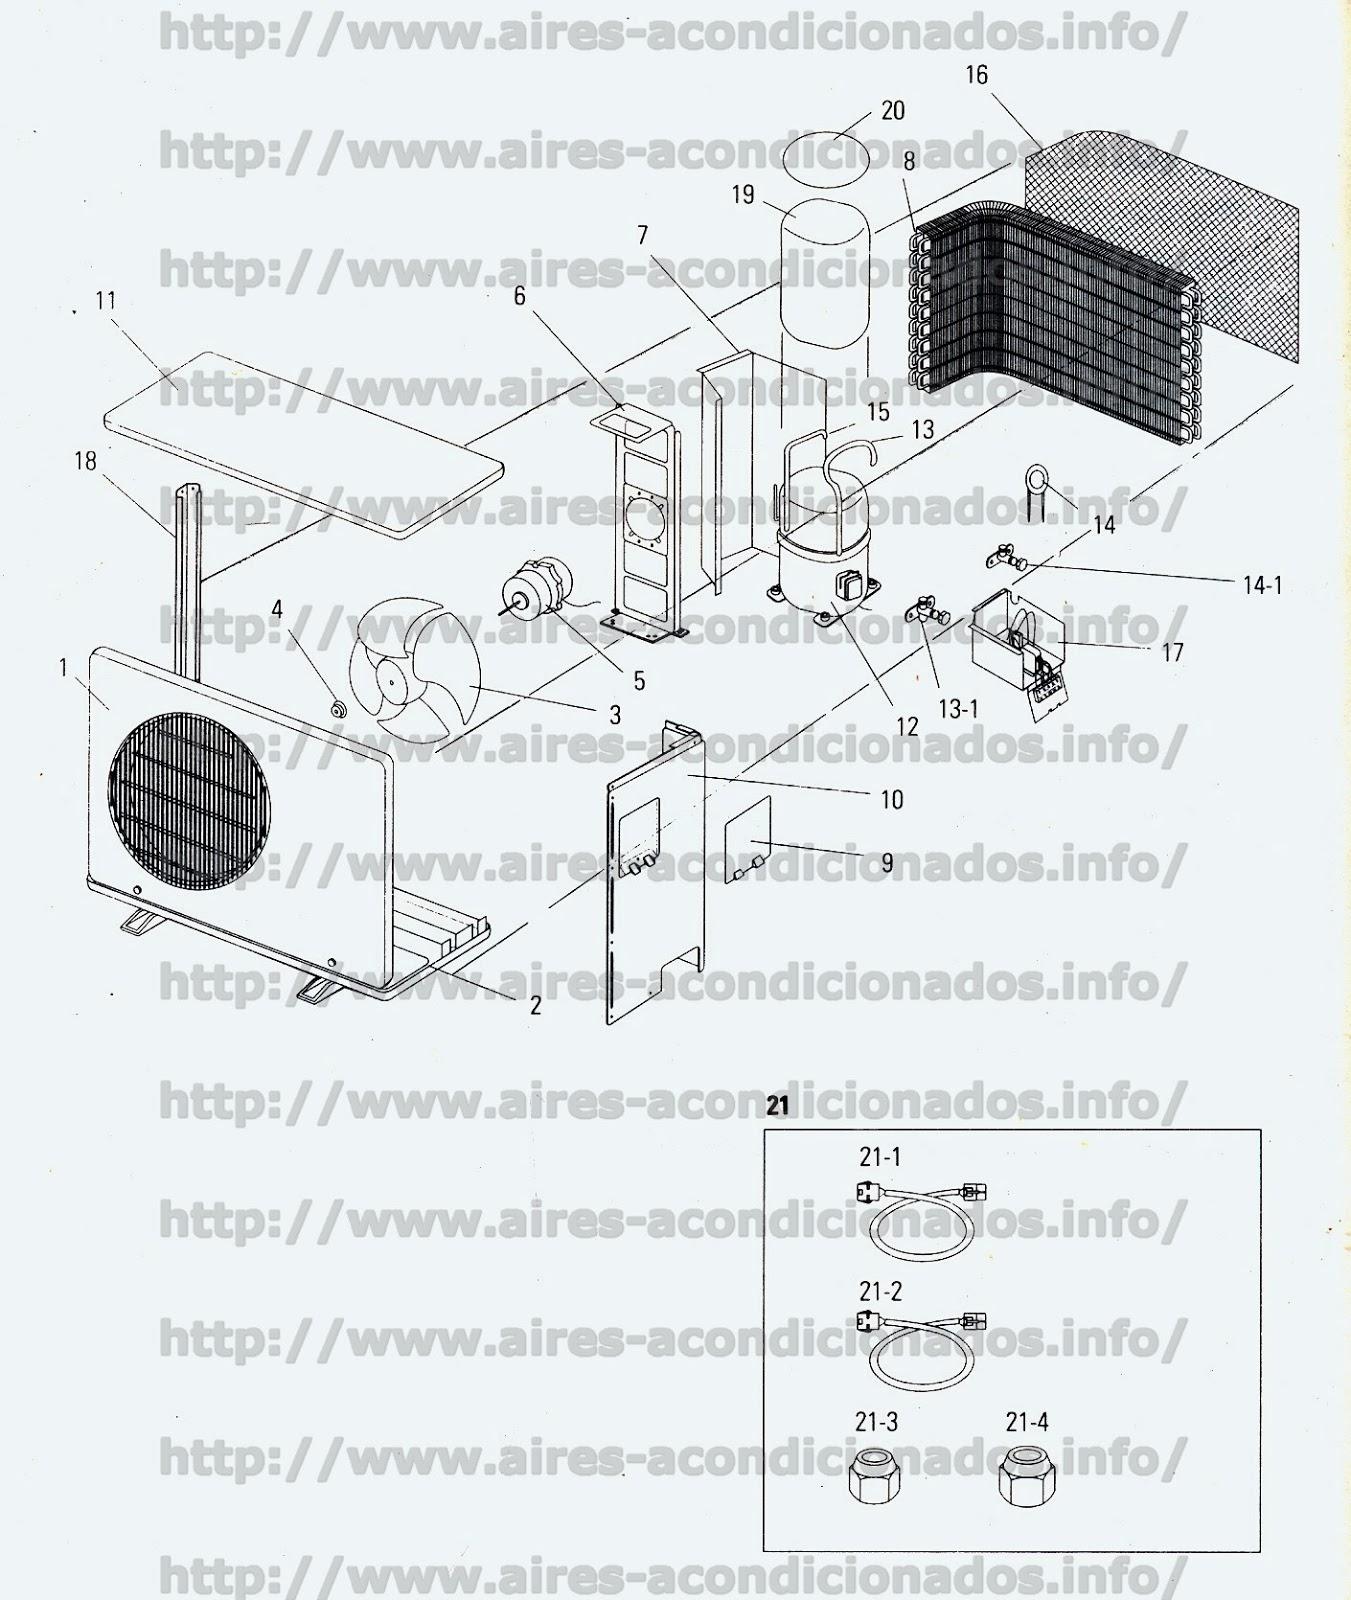 despiece de aire acondicionado tipo split aires acondicionados Curso De Aire Acondicionado Aire Acondicionado En Ingles